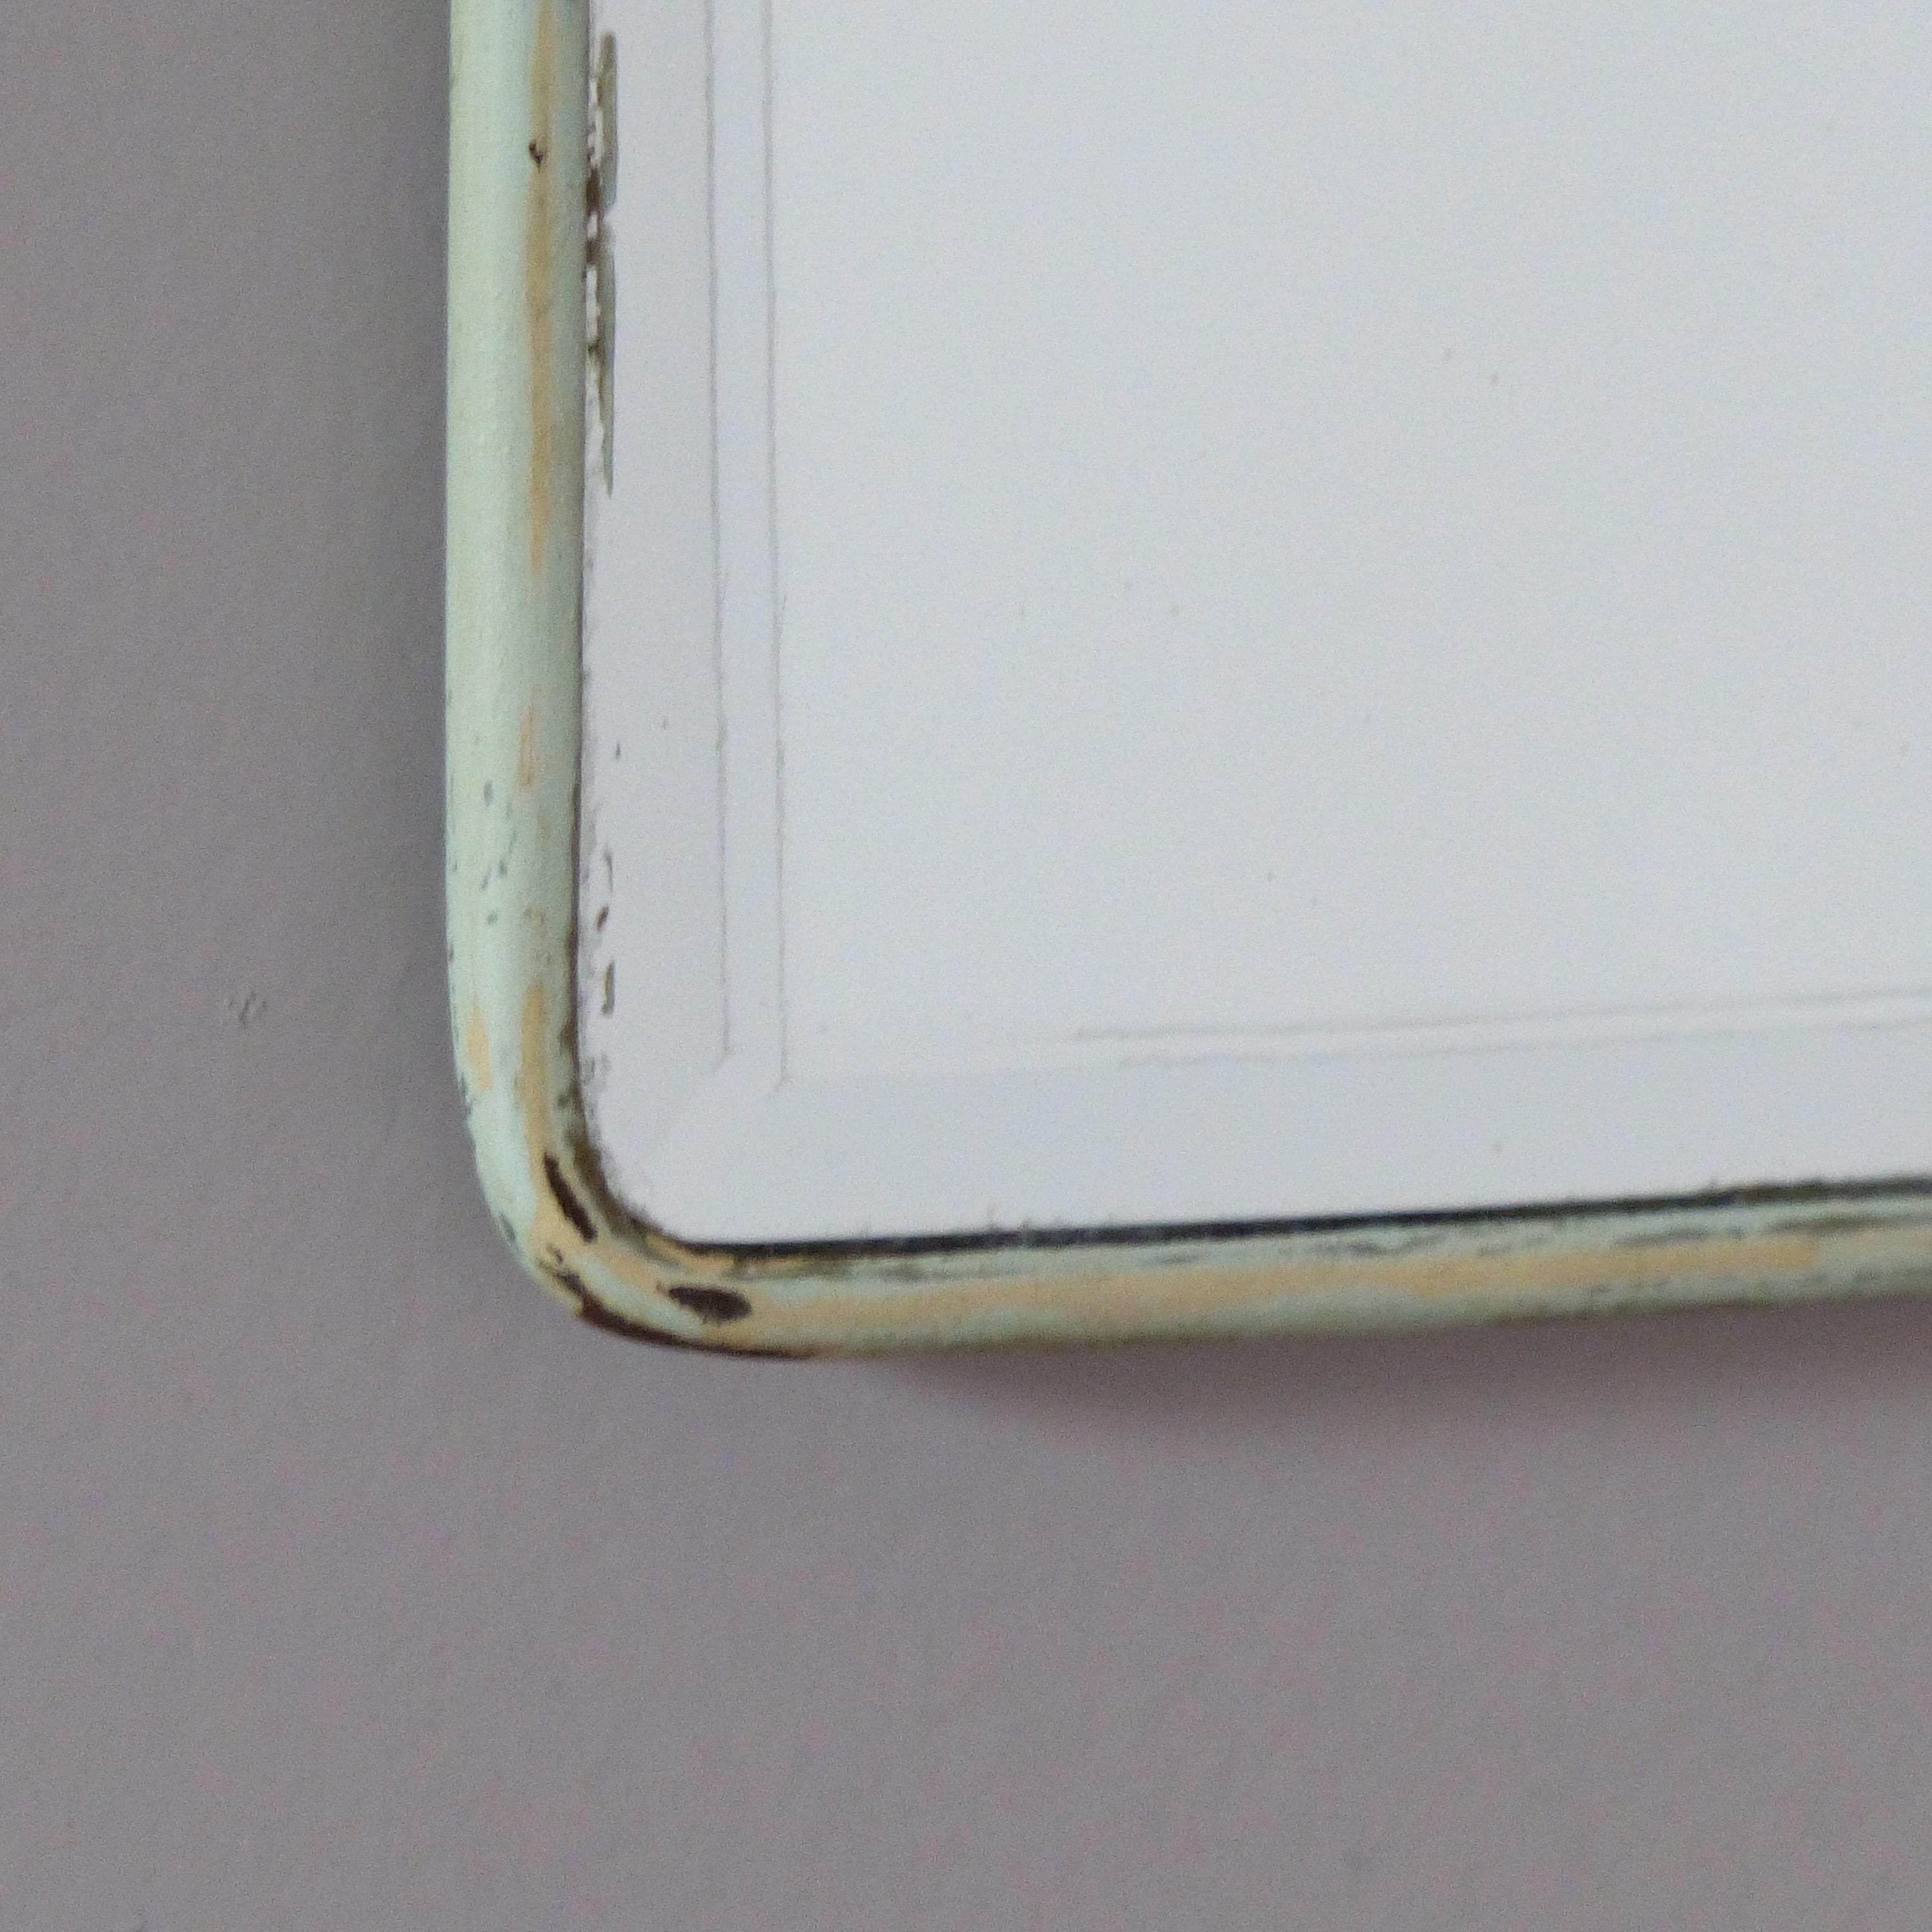 miroir de barbier suspendre lignedebrocante brocante en ligne chine pour vous meubles. Black Bedroom Furniture Sets. Home Design Ideas